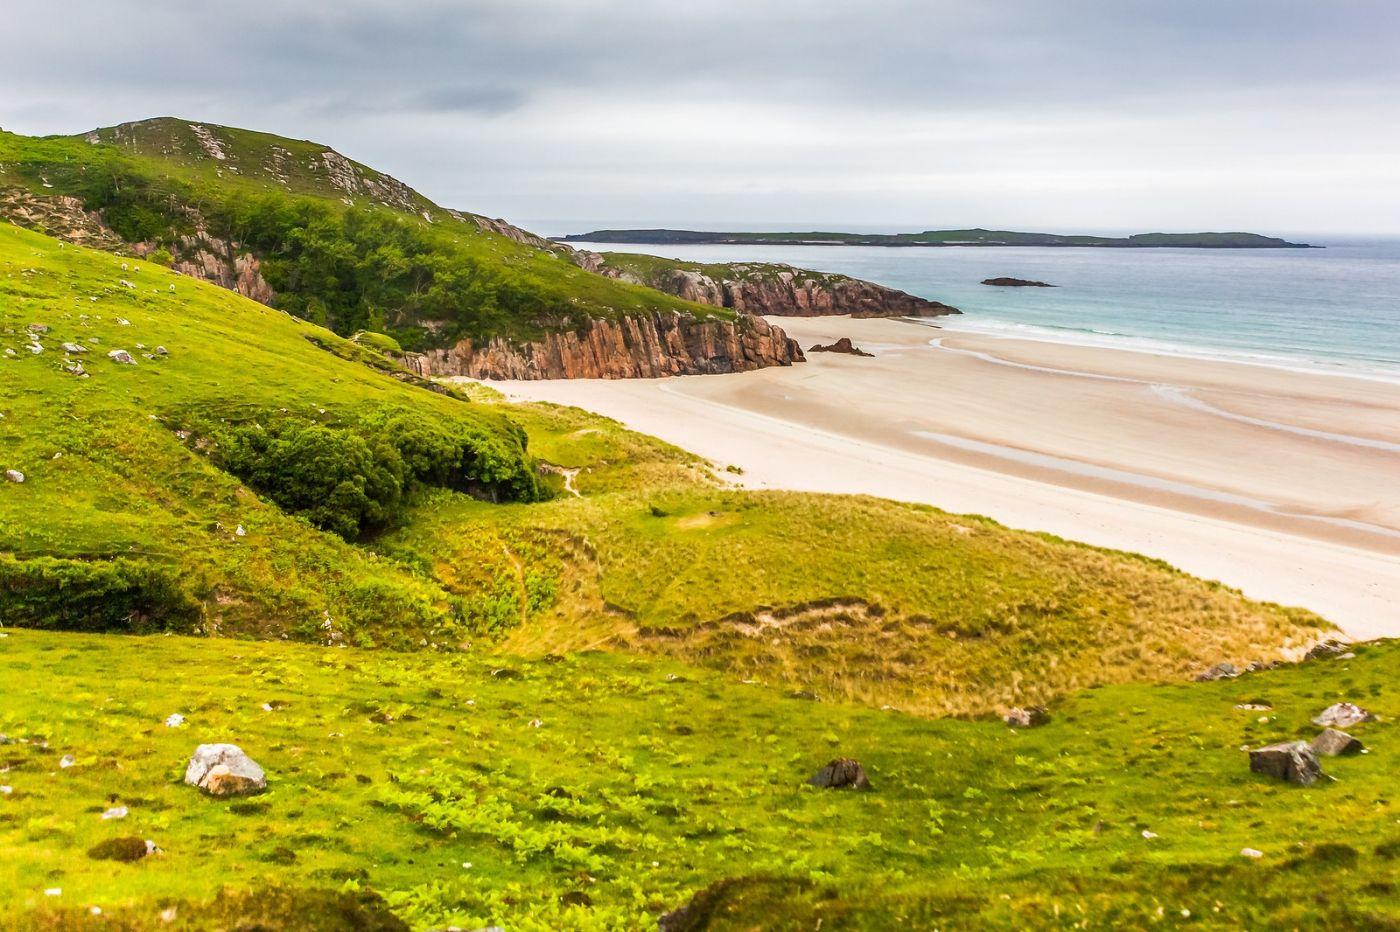 苏格兰美景,弯弯的沙滩_图1-28